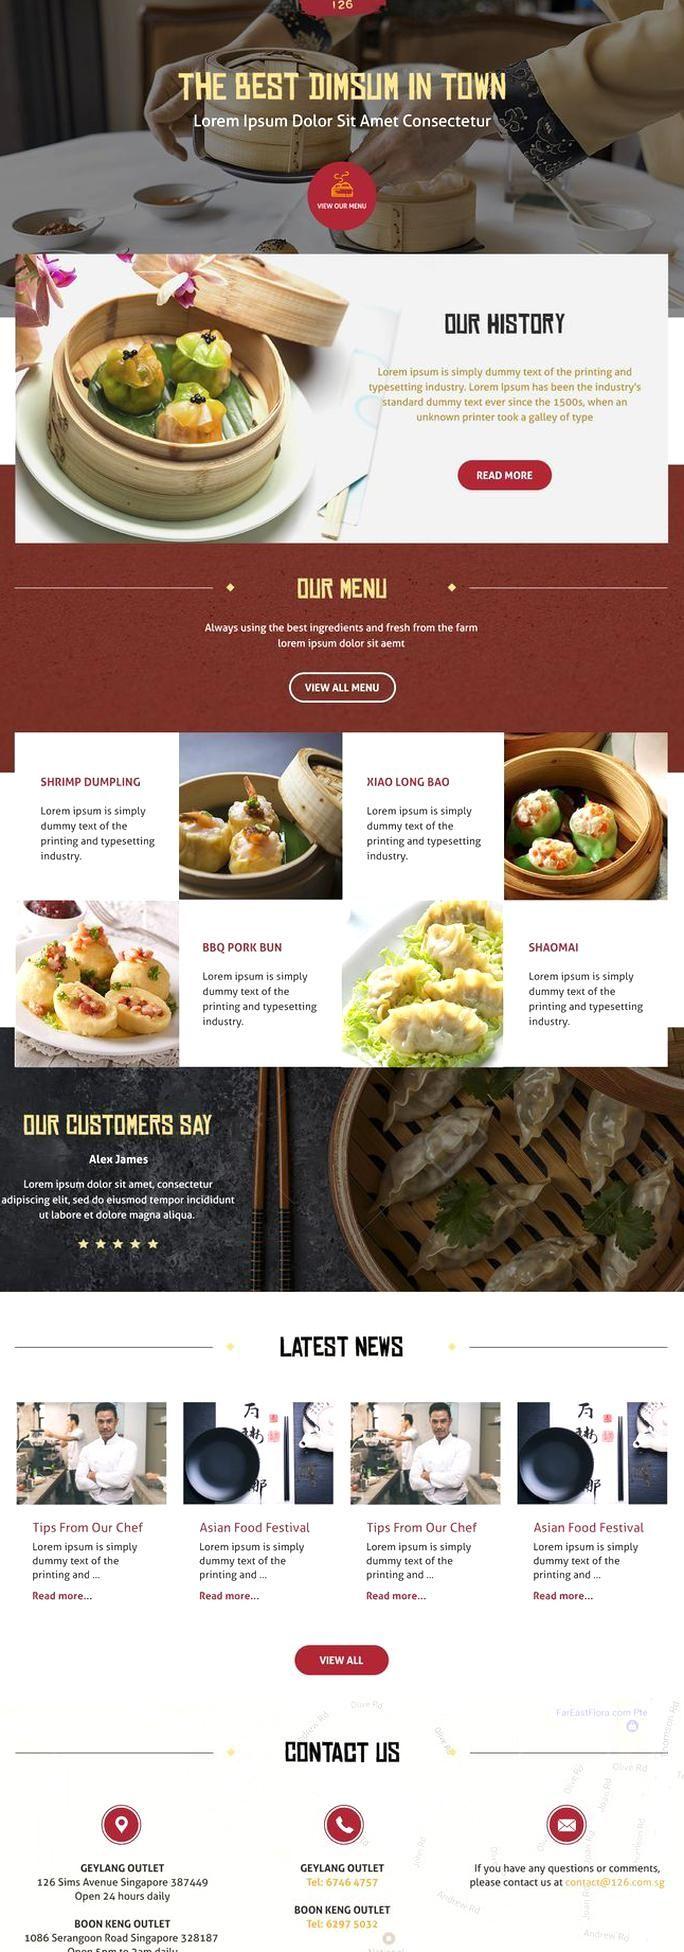 Dimsum Online Shop Design Restaurant Chinese Food In 2020 Food Website Design Inspiration Food Website Design Food Web Design